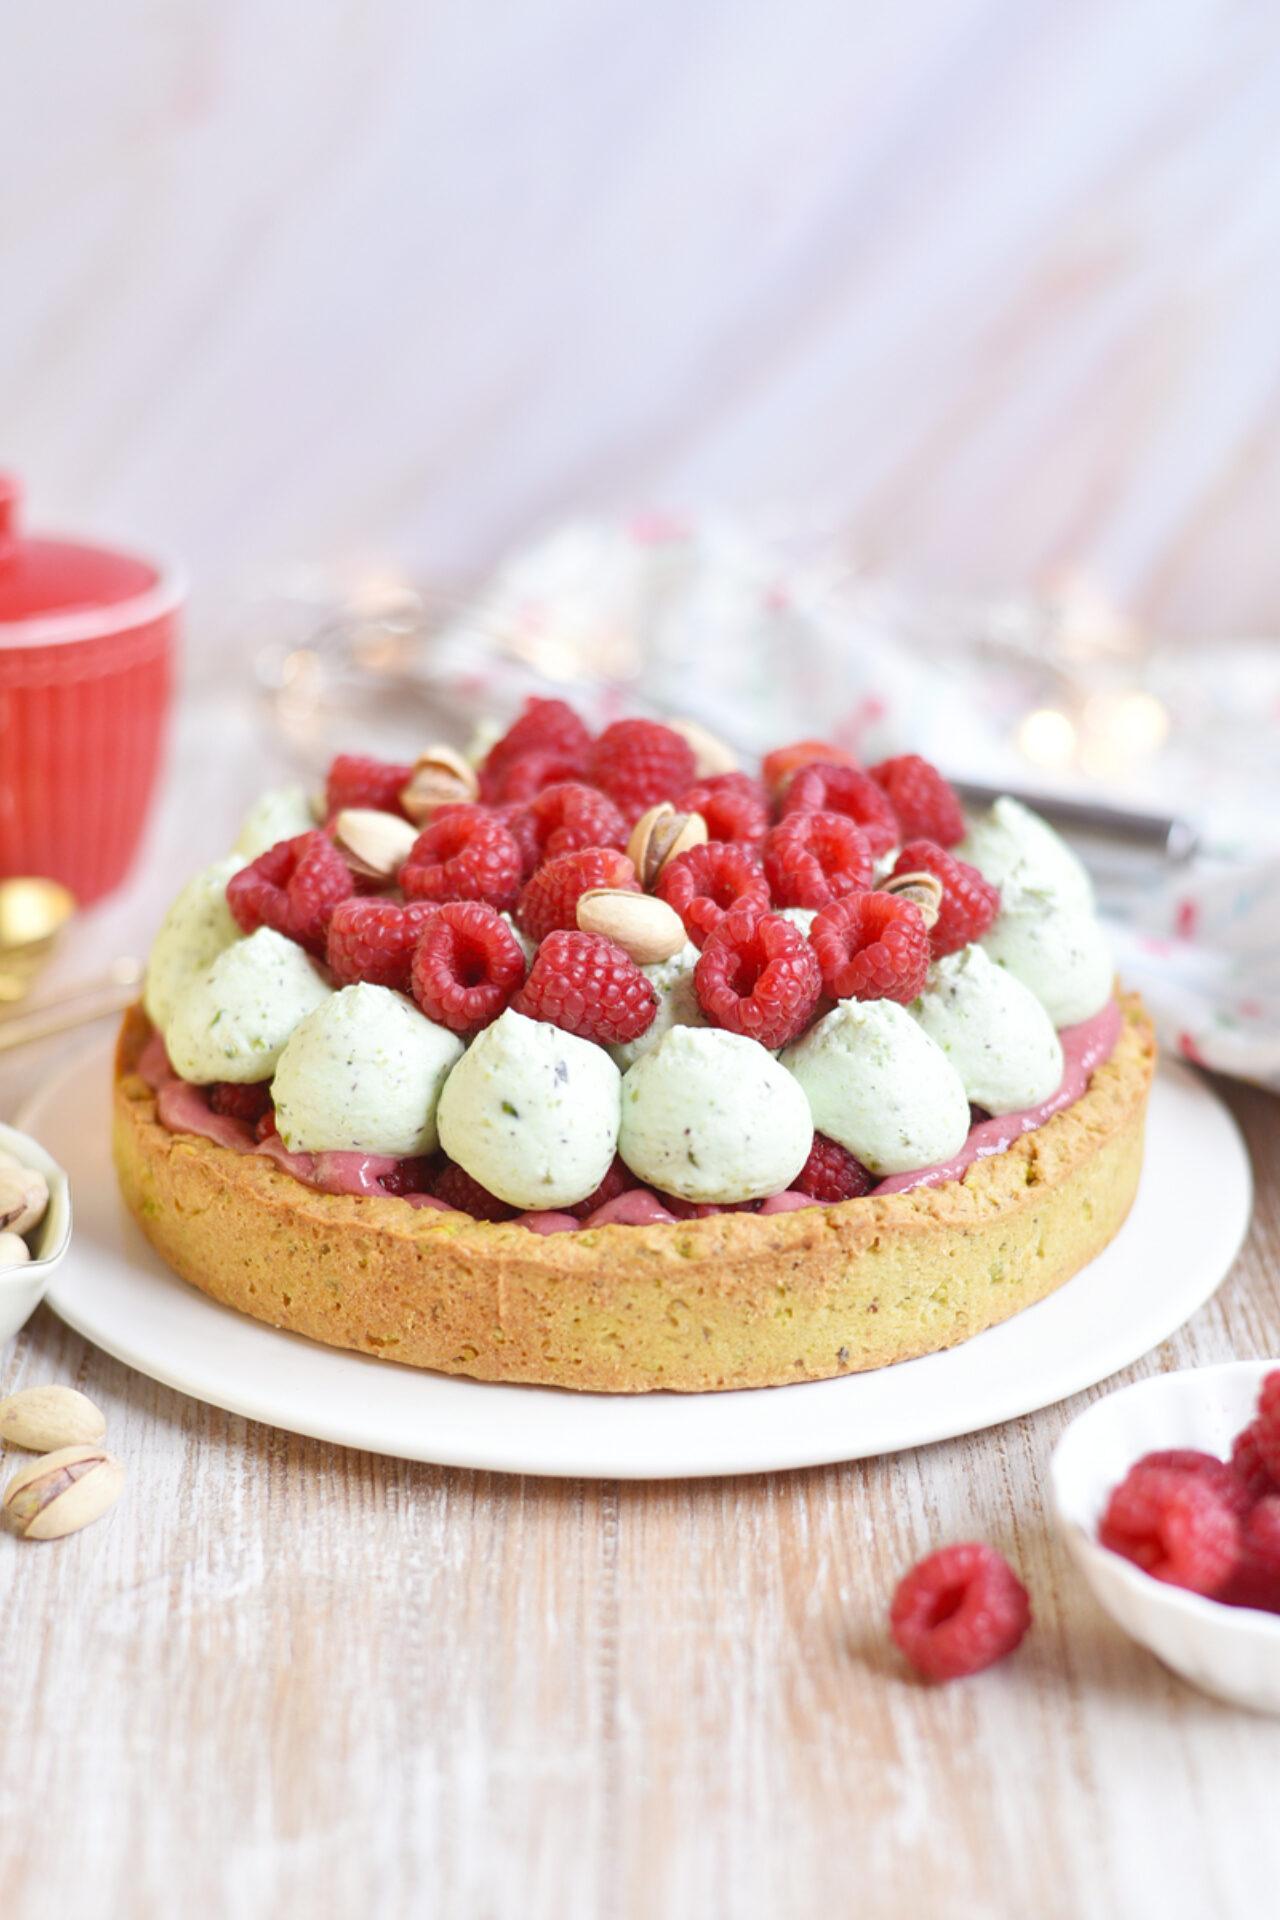 Tartaleta de pistachos rellena de crema pastelera de frambuesas y crema de pistachos